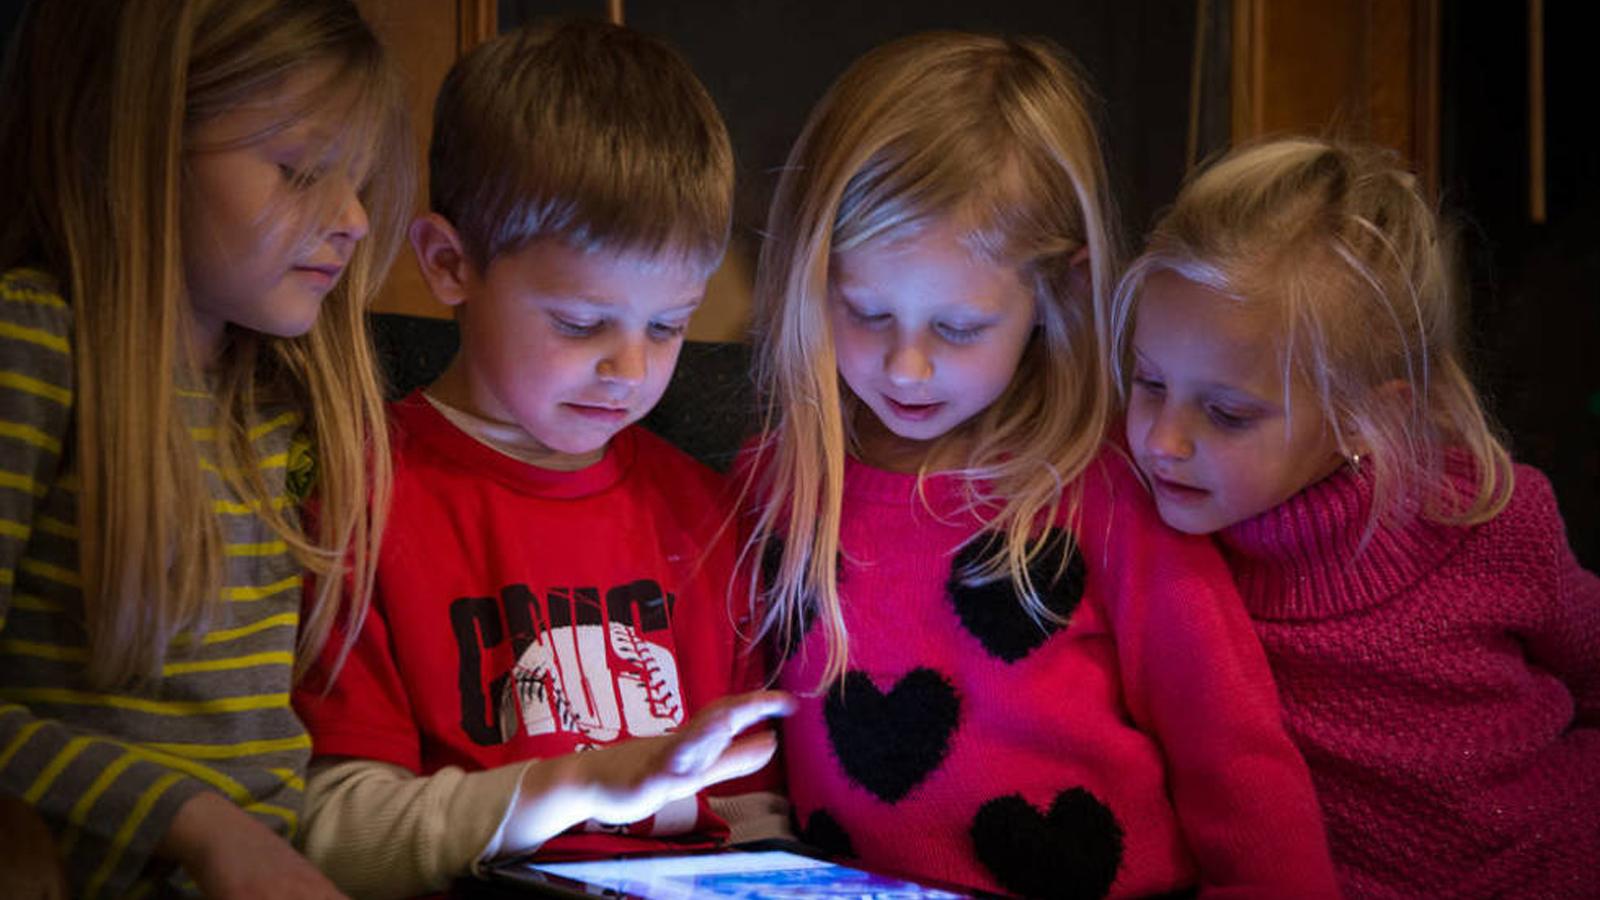 Las reinas del bloqueo: estas son las plataformas de vídeo que más vigilan los padres